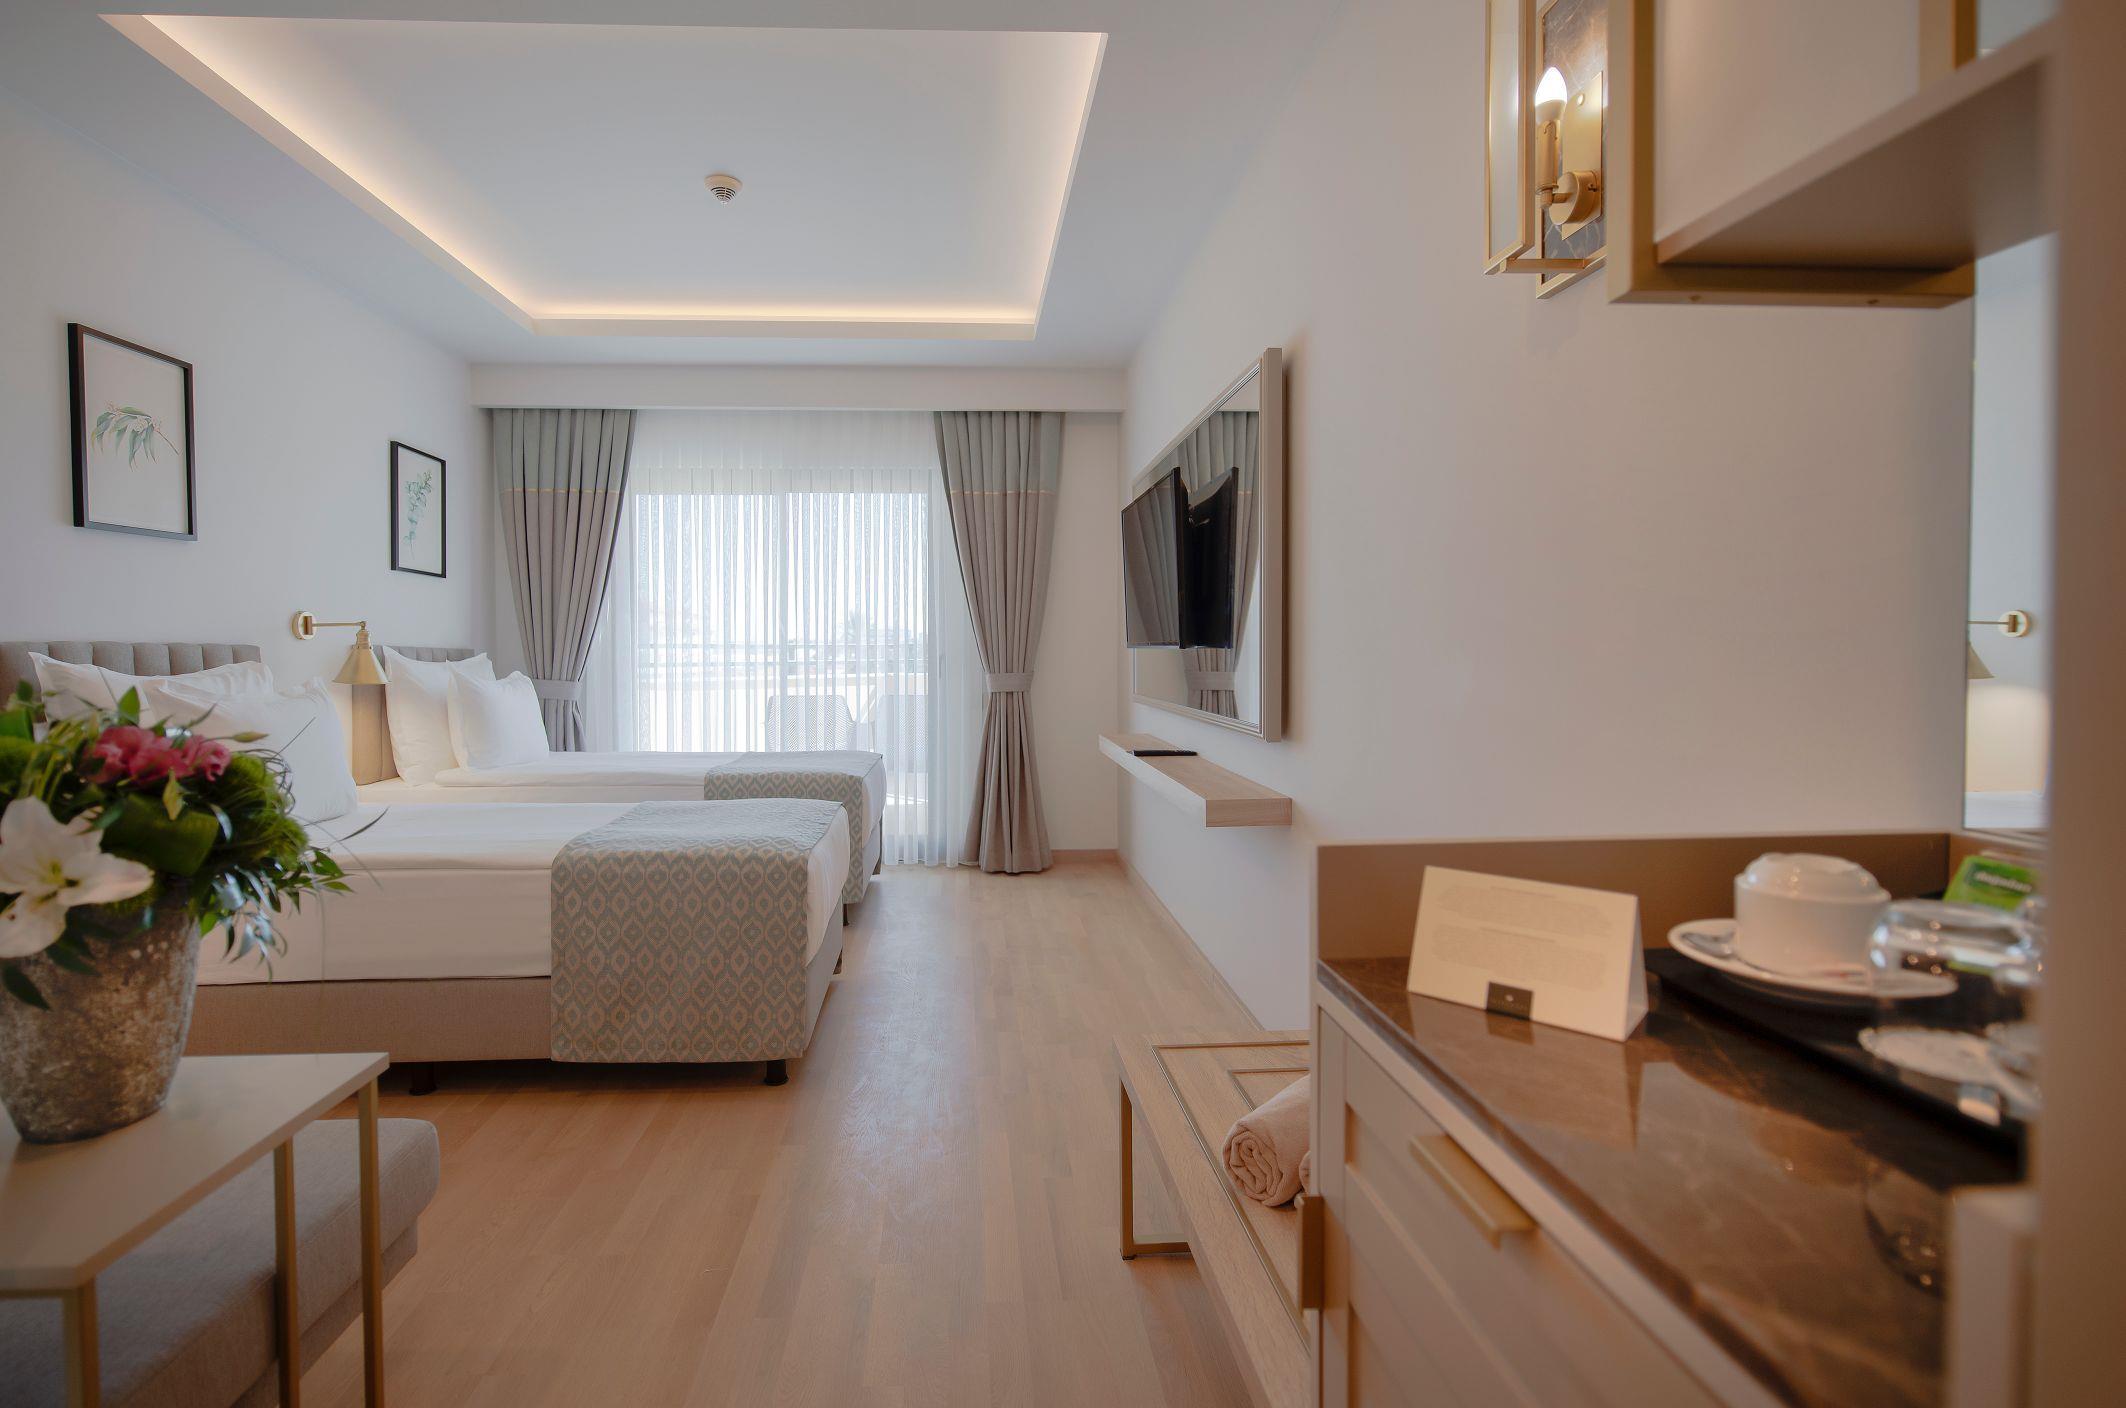 http://www.orextravel.sk/OREX/hotelphotos/miramare-queen-hotel-general-0034.jpg